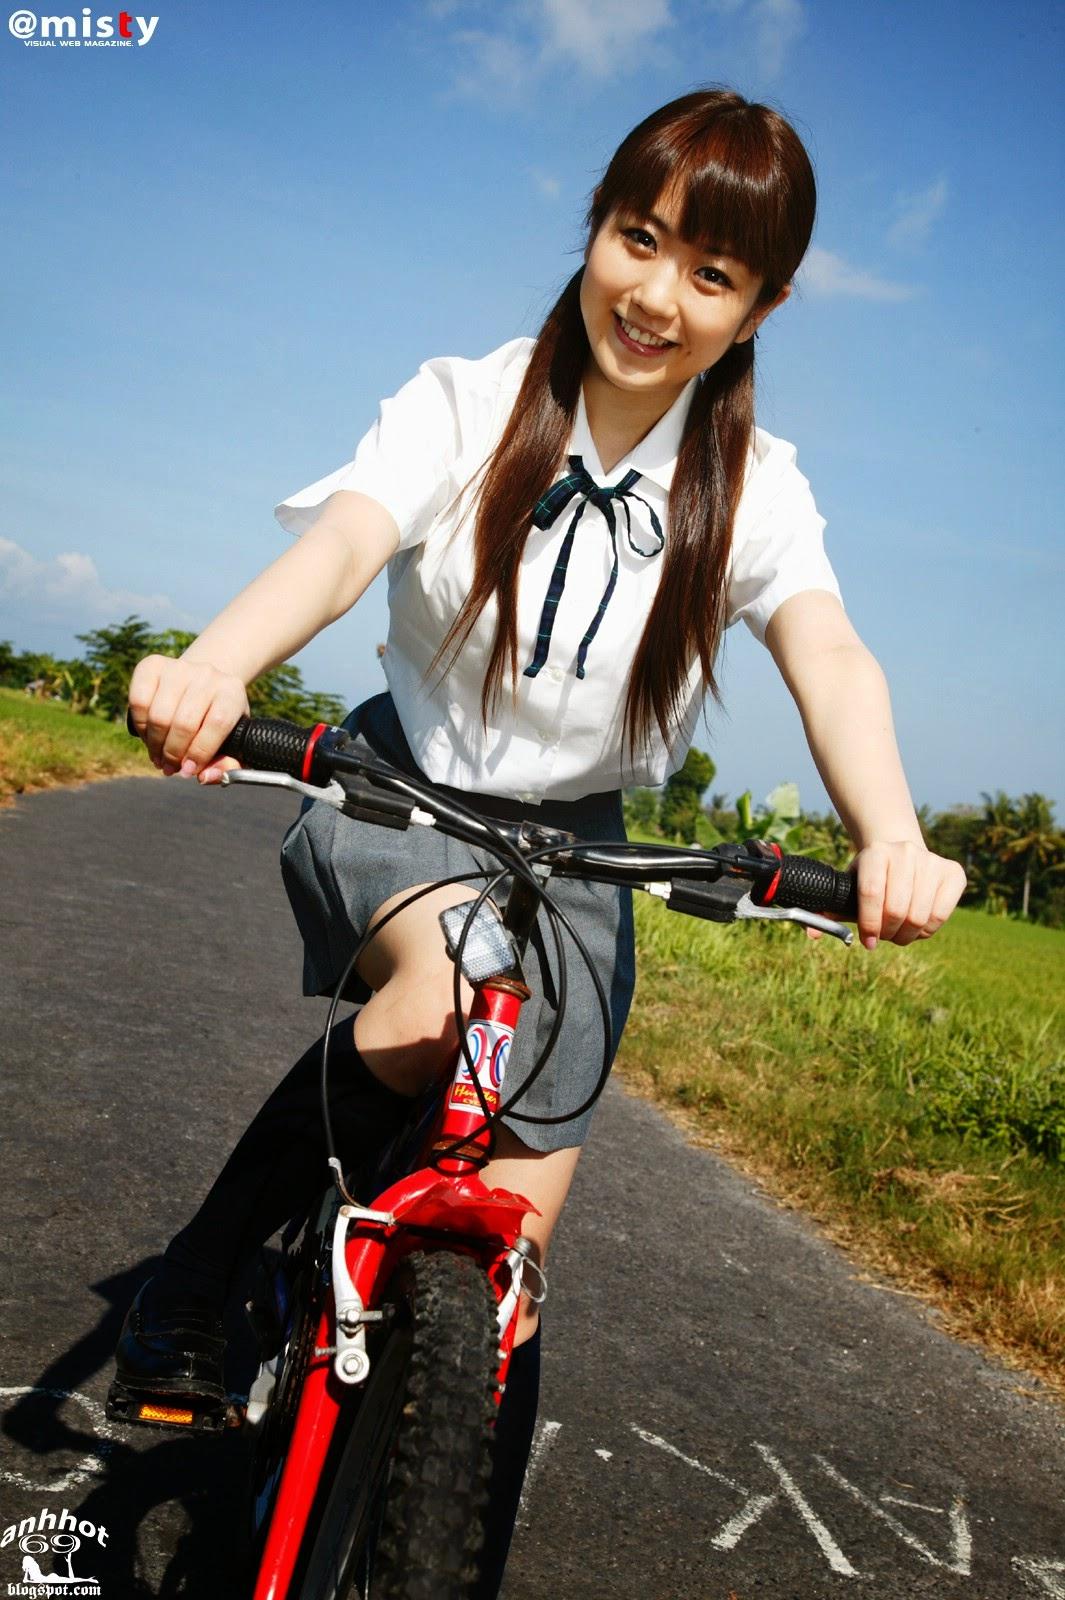 chise-nakamura-00448714